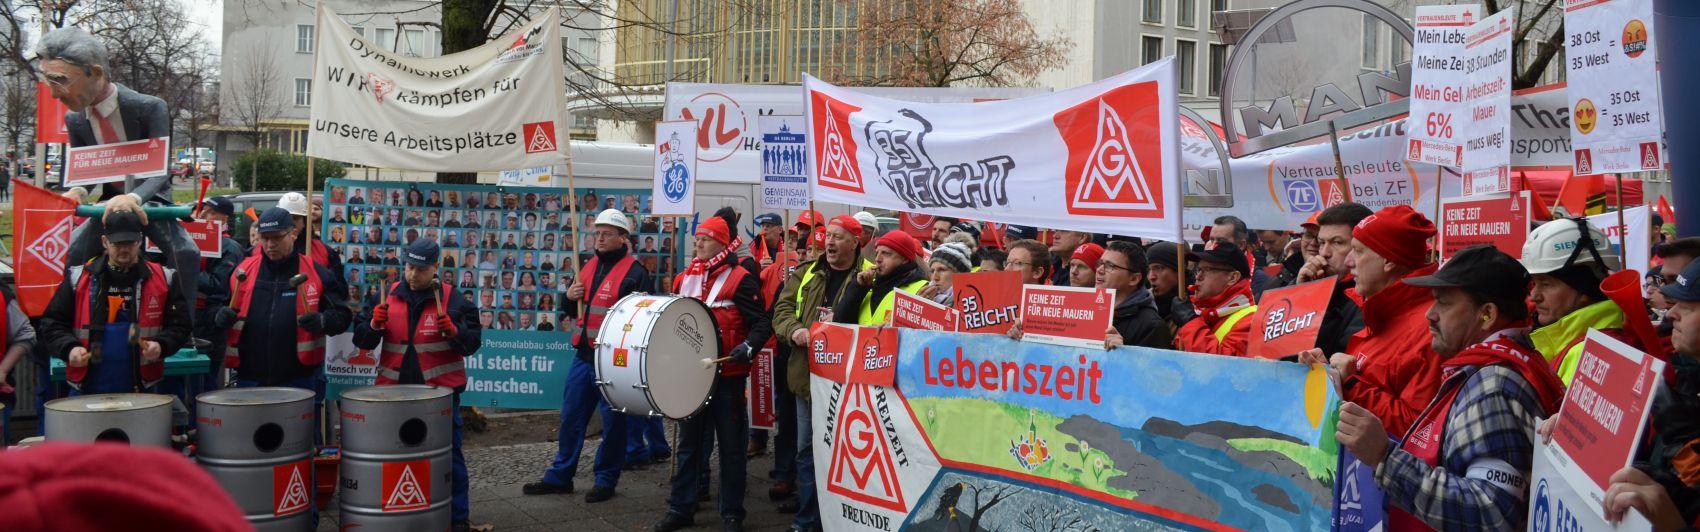 Tarifverhandlungen Metall- und Elektroindustrie Berlin-Brandenburg